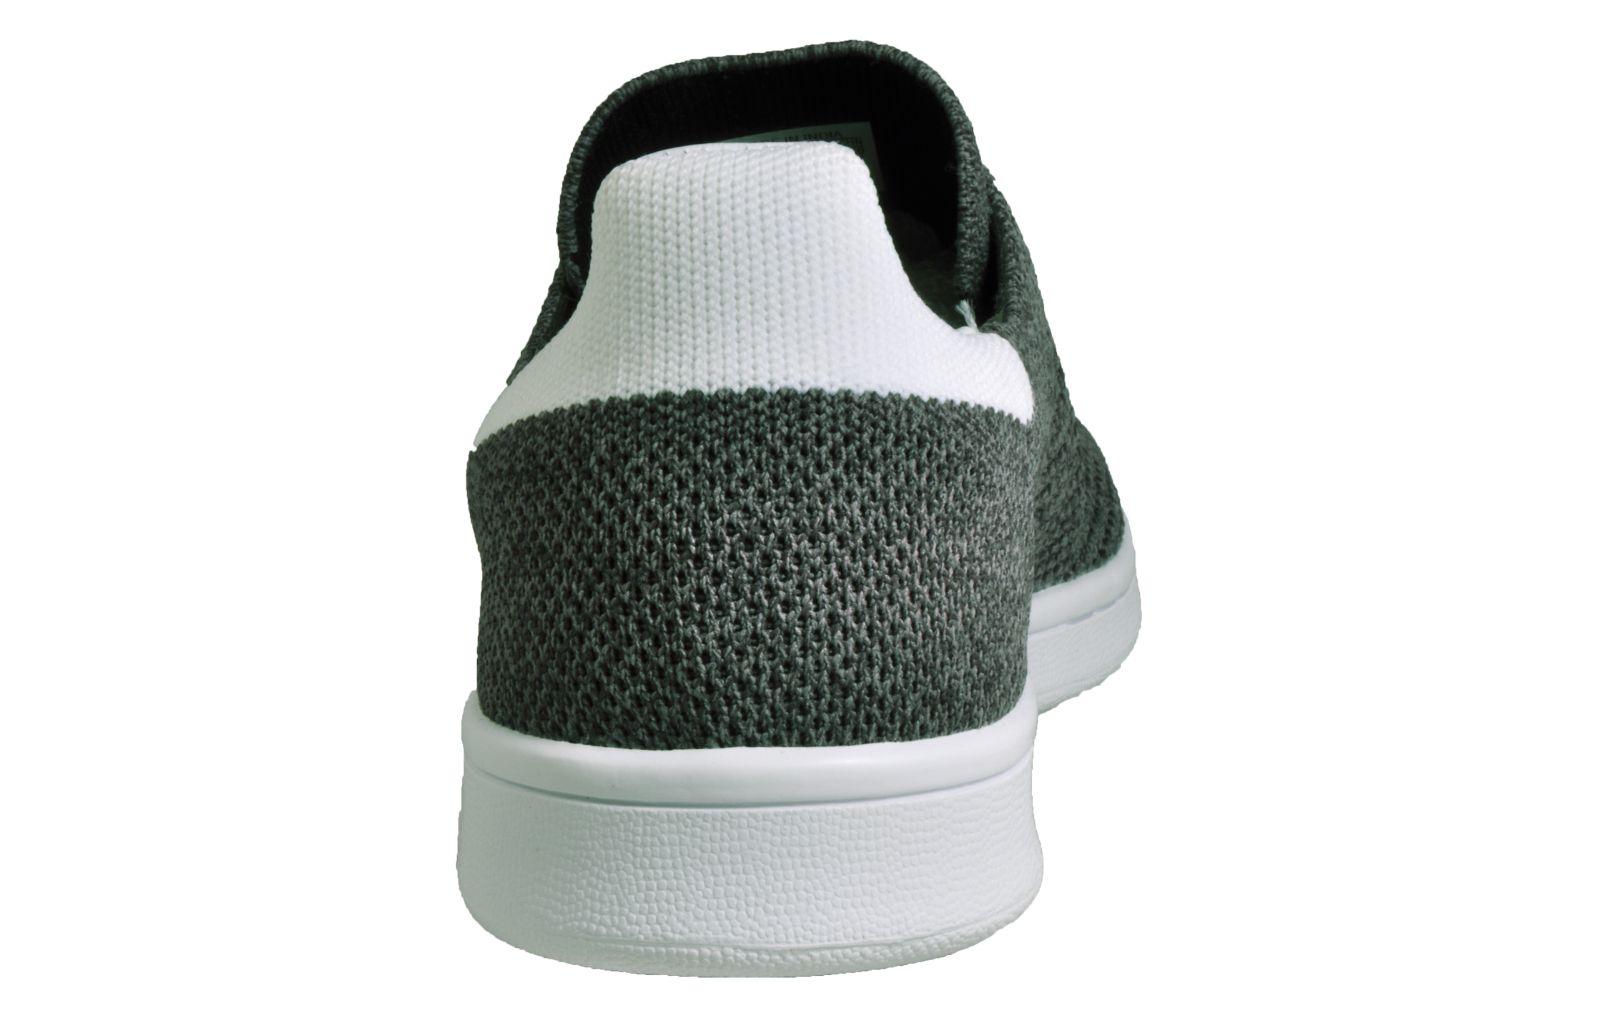 Adidas Originals Stan Smith PK